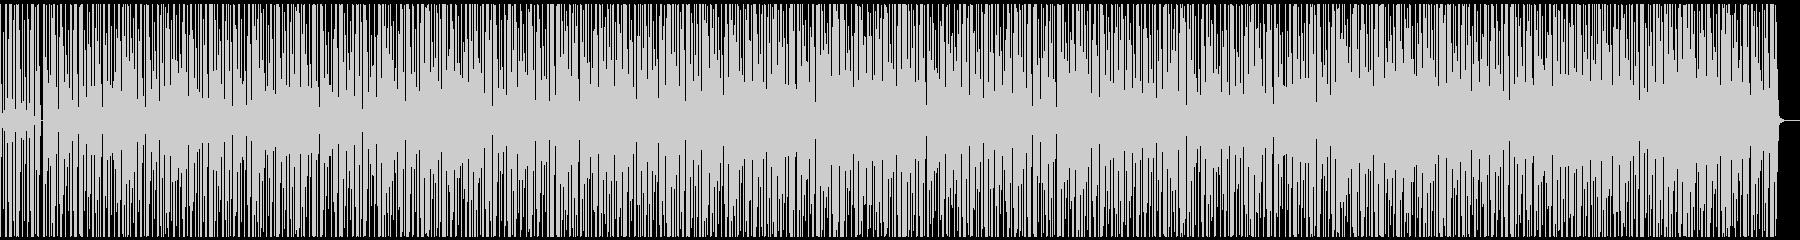 謎解きのBGMの未再生の波形